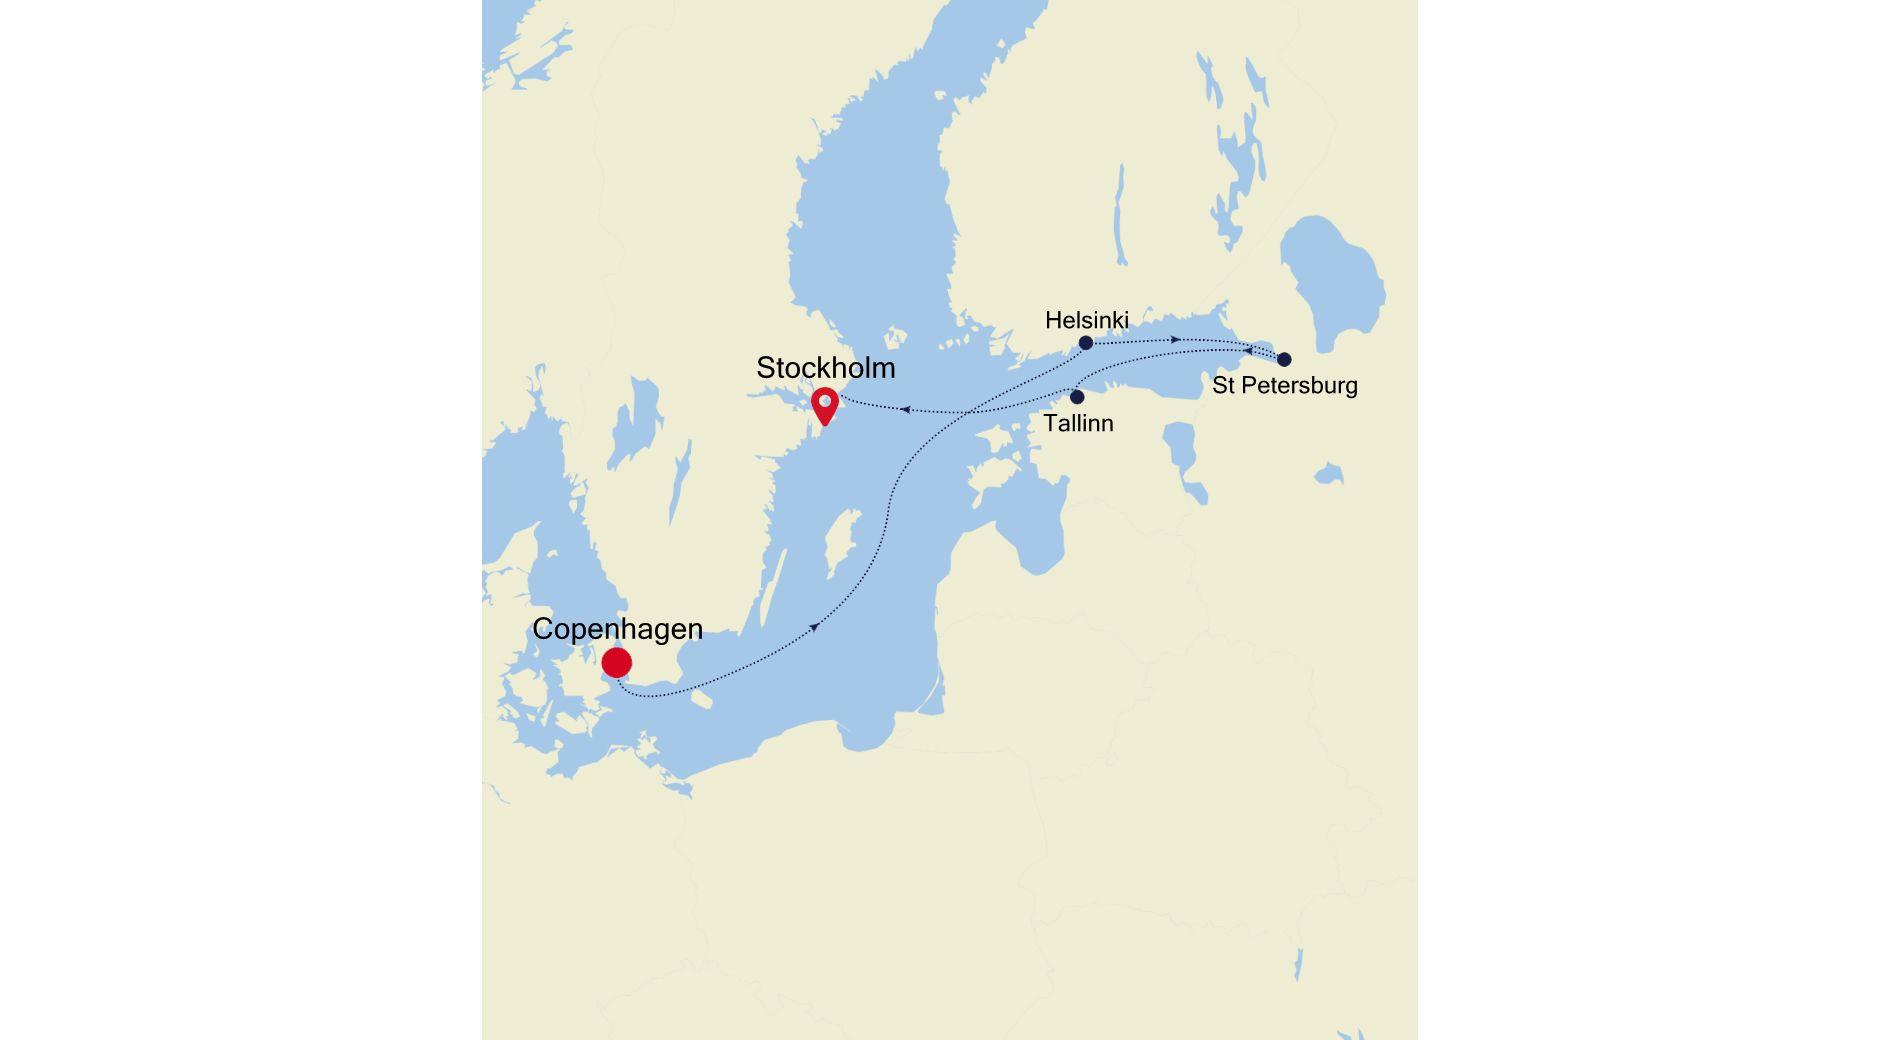 SL210809007 - Copenhagen à Stockholm